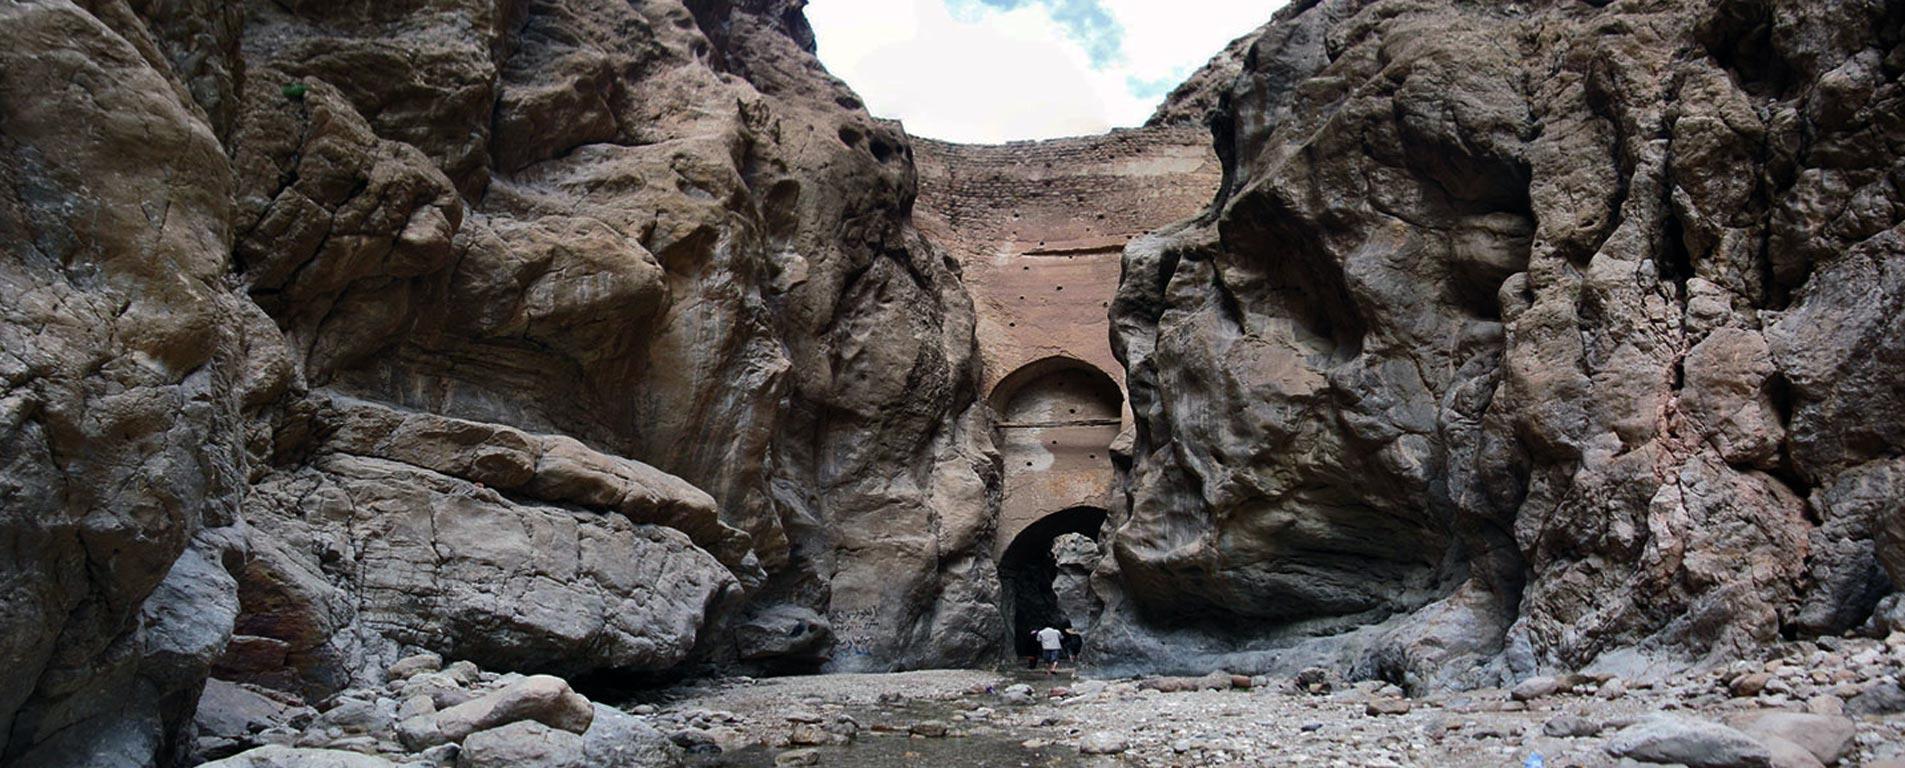 سد شاه عباسی در طبس، نازکترین و قدیمیترین سد قوسی جهان